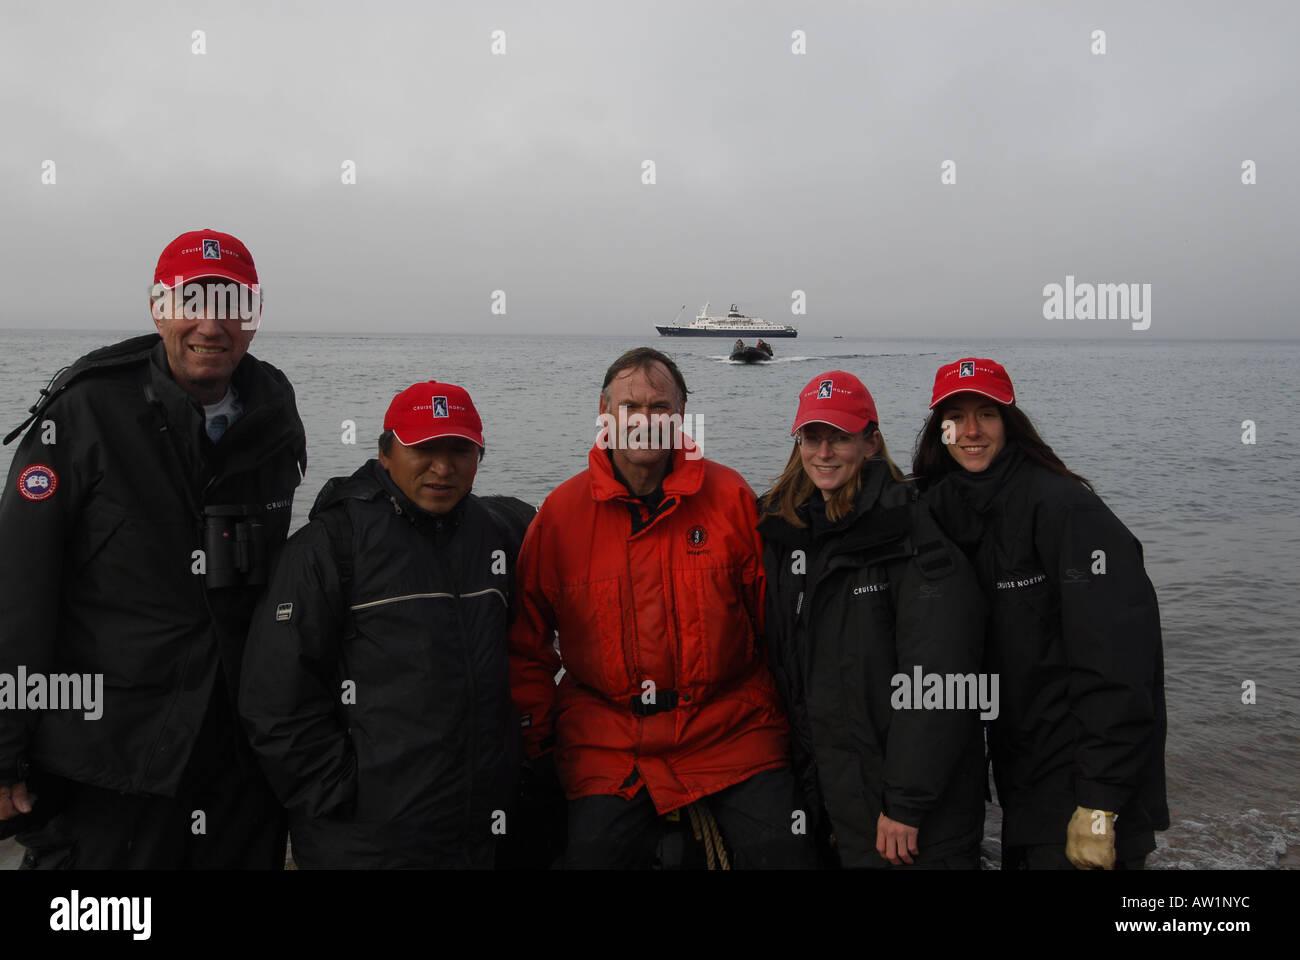 Crucero tripulación, los líderes de la expedición de la isla de Baffin entrada estanque Alto Ártico Canadá turísticos remotos aislados Senderismo Senderismo la niebla rock rockly lengua Imagen De Stock